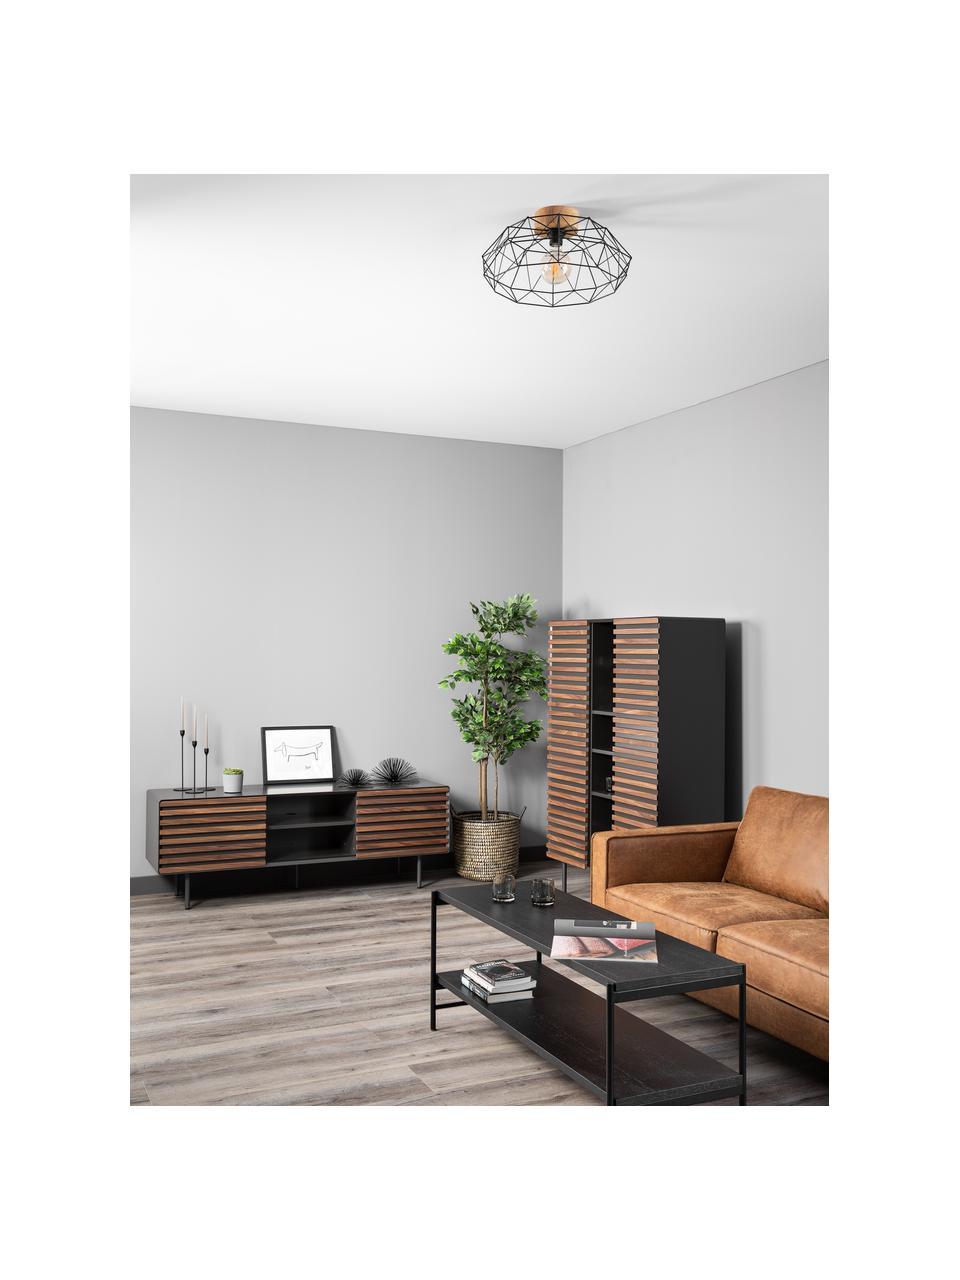 Lampada da soffitto con decoro in legno Padstow, Paralume: metallo verniciato, Baldacchino: legno, Nero, legno, Ø 46 x Alt. 21 cm